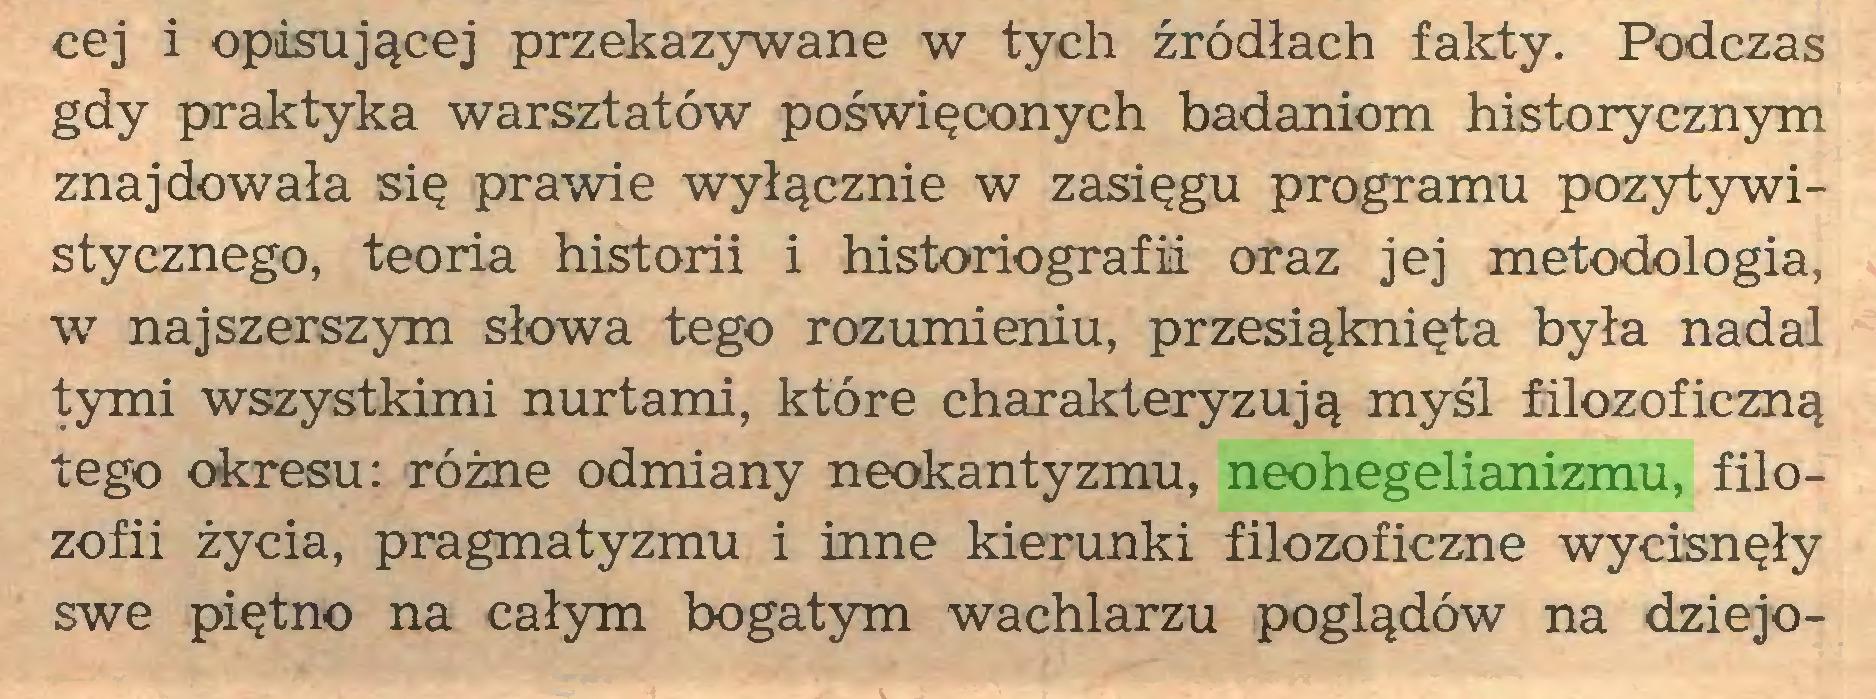 (...) cej i opasującej przekazywane w tych źródłach fakty. Podczas gdy praktyka warsztatów poświęconych badaniom historycznym znajdowała się prawie wyłącznie w zasięgu programu pozytywistycznego, teoria historii i historiografii oraz jej metodologia, w najszerszym słowa tego rozumieniu, przesiąknięta była nadal tymi wszystkimi nurtami, które charakteryzują myśl filozoficzną tego okresu: różne odmiany neokantyzmu, neohegelianizmu, filozofii życia, pragmatyzmu i inne kierunki filozoficzne wycisnęły swe piętno na całym bogatym wachlarzu poglądów na dziejo...